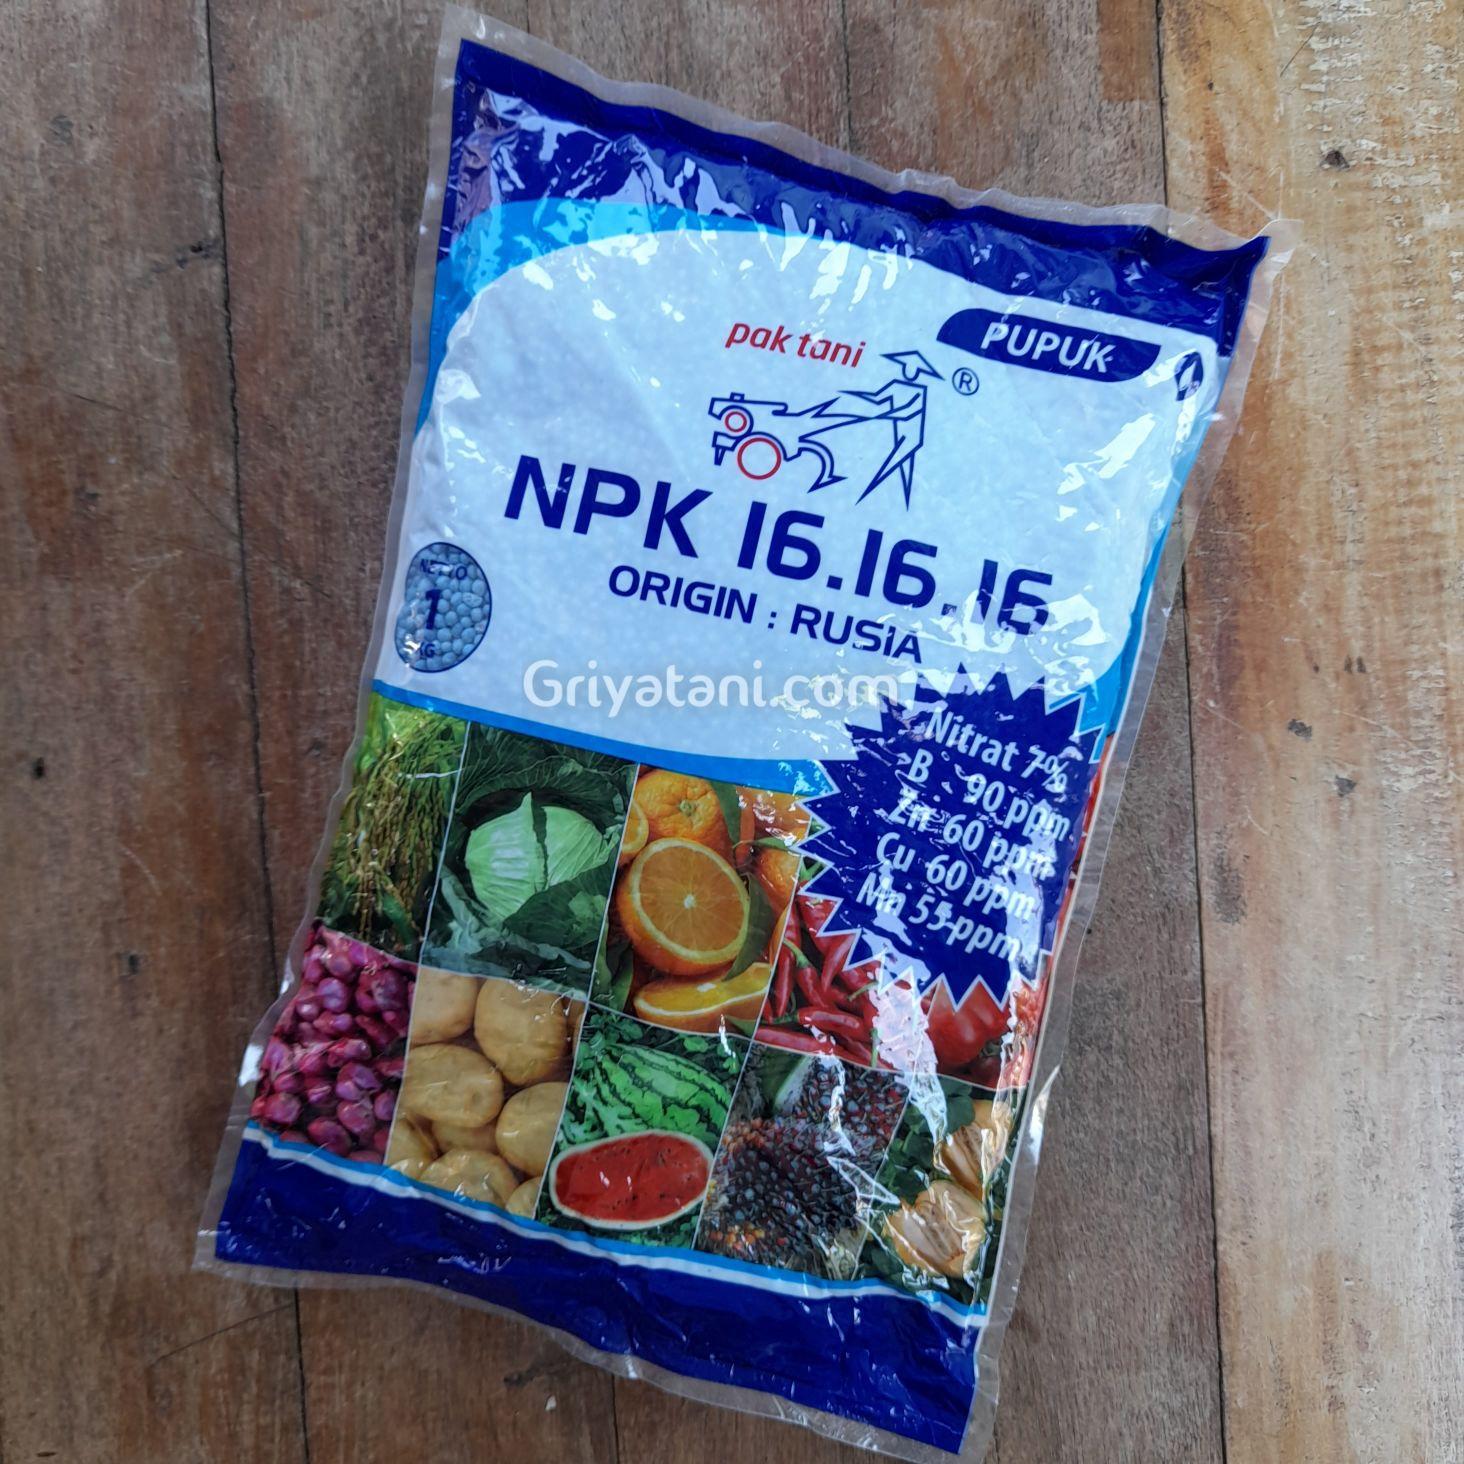 pupuk npk 161616